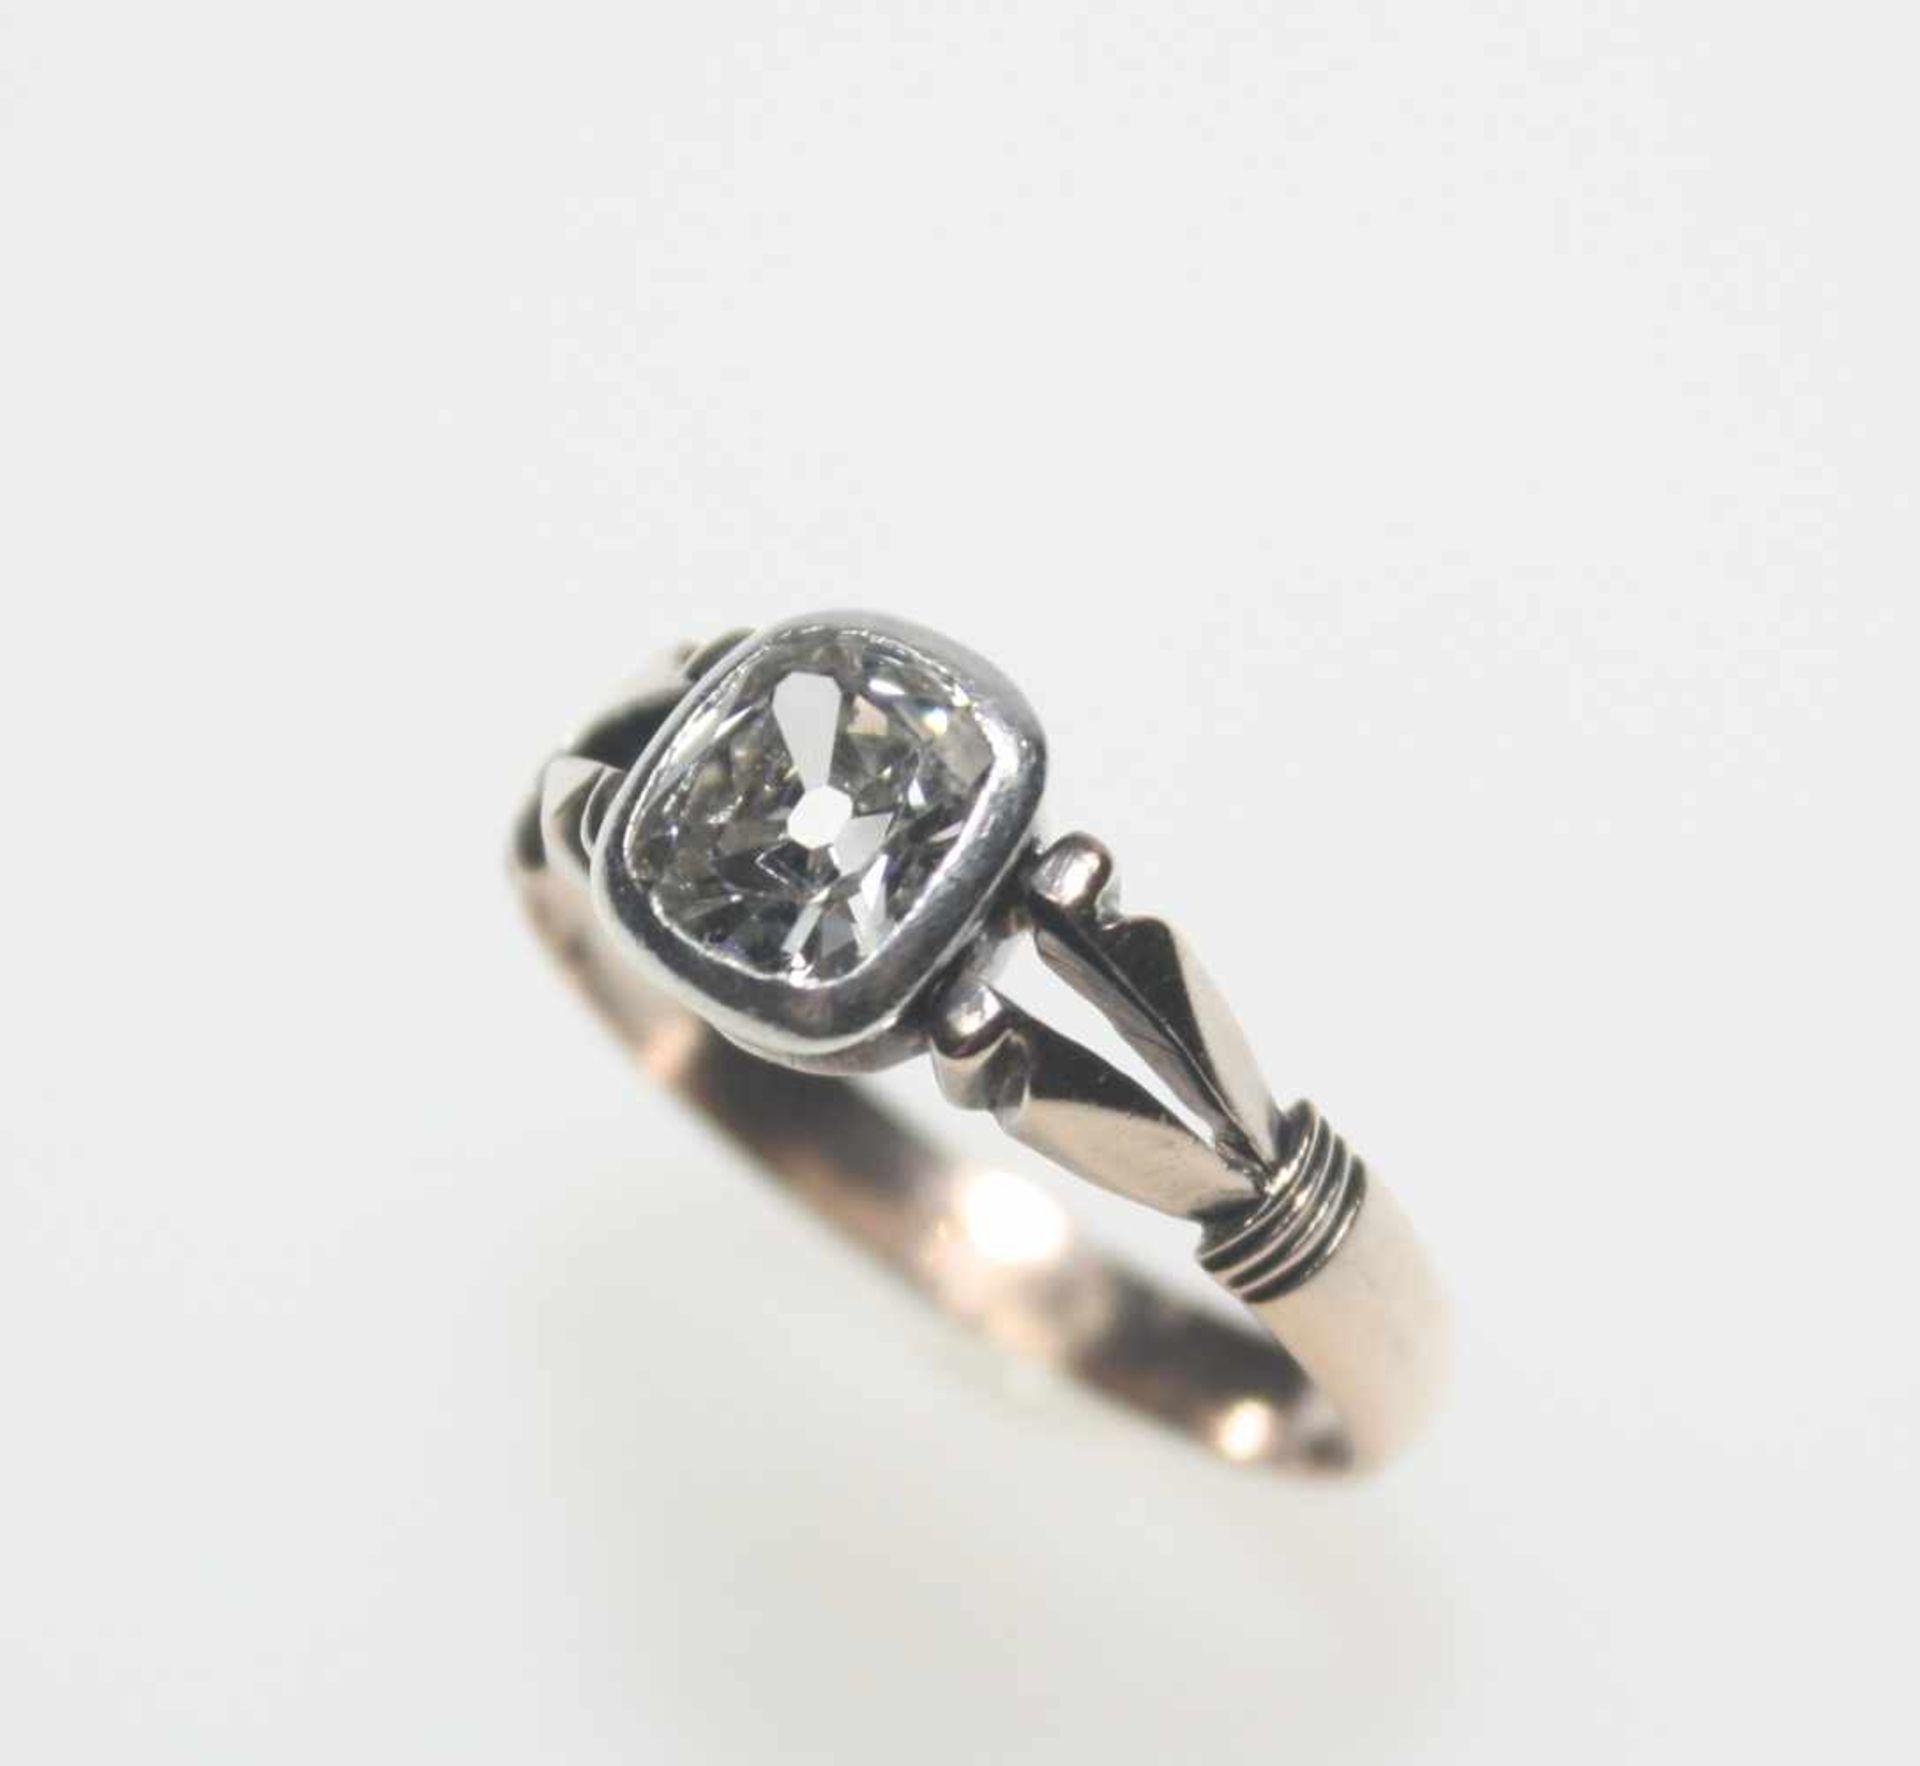 Los 2 - Älterer, goldener Ring ca. 585/f mit einem stumpf/rechteckigen Diamanten ca. 6,9 x 5,9 x 3,2 mm in